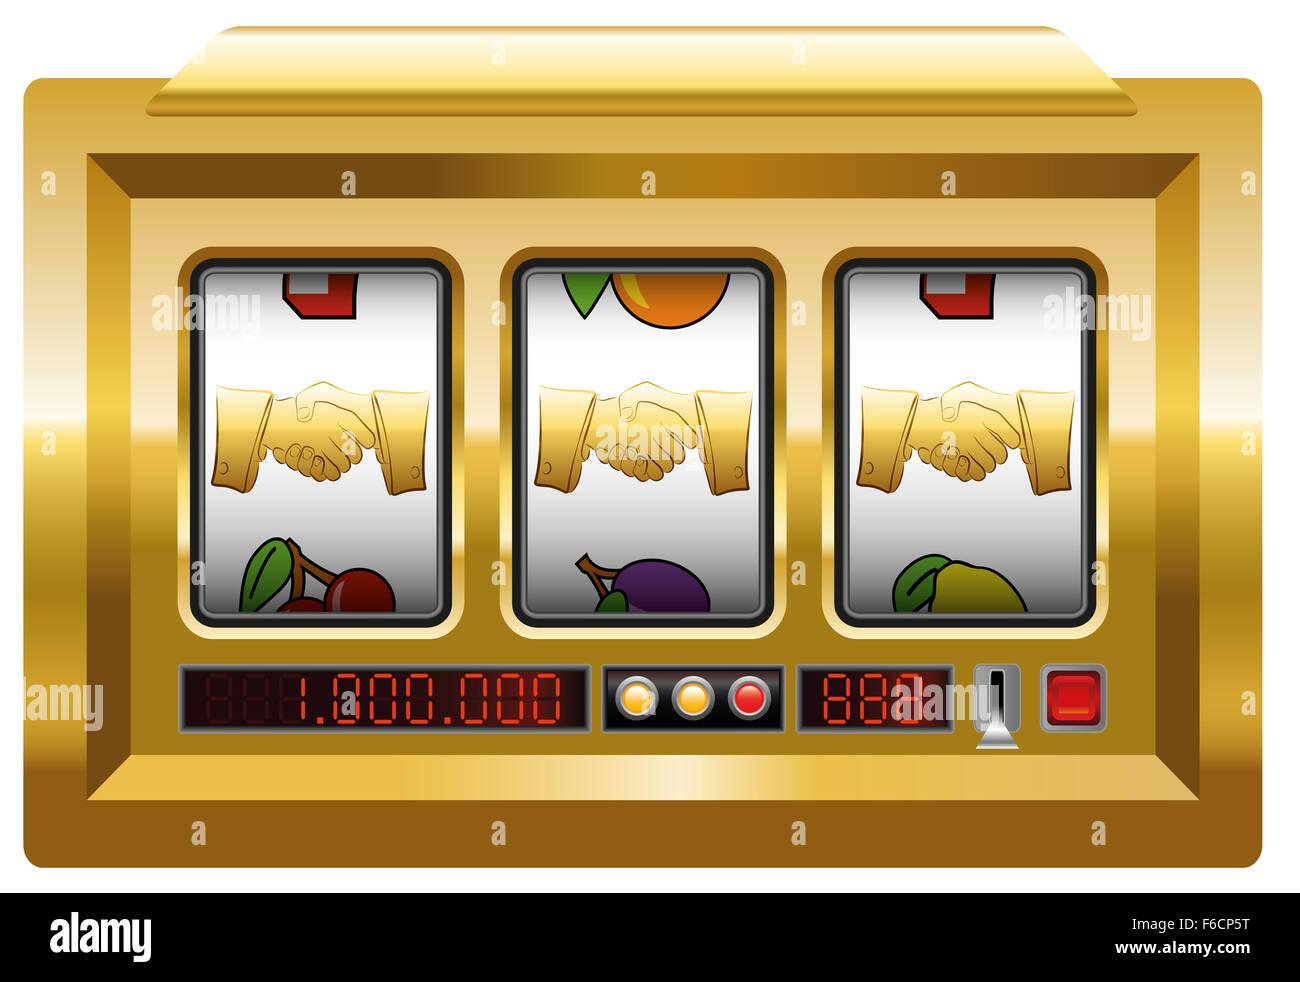 Golden handshake - slot machine with three handshake symbols. - Stock Image